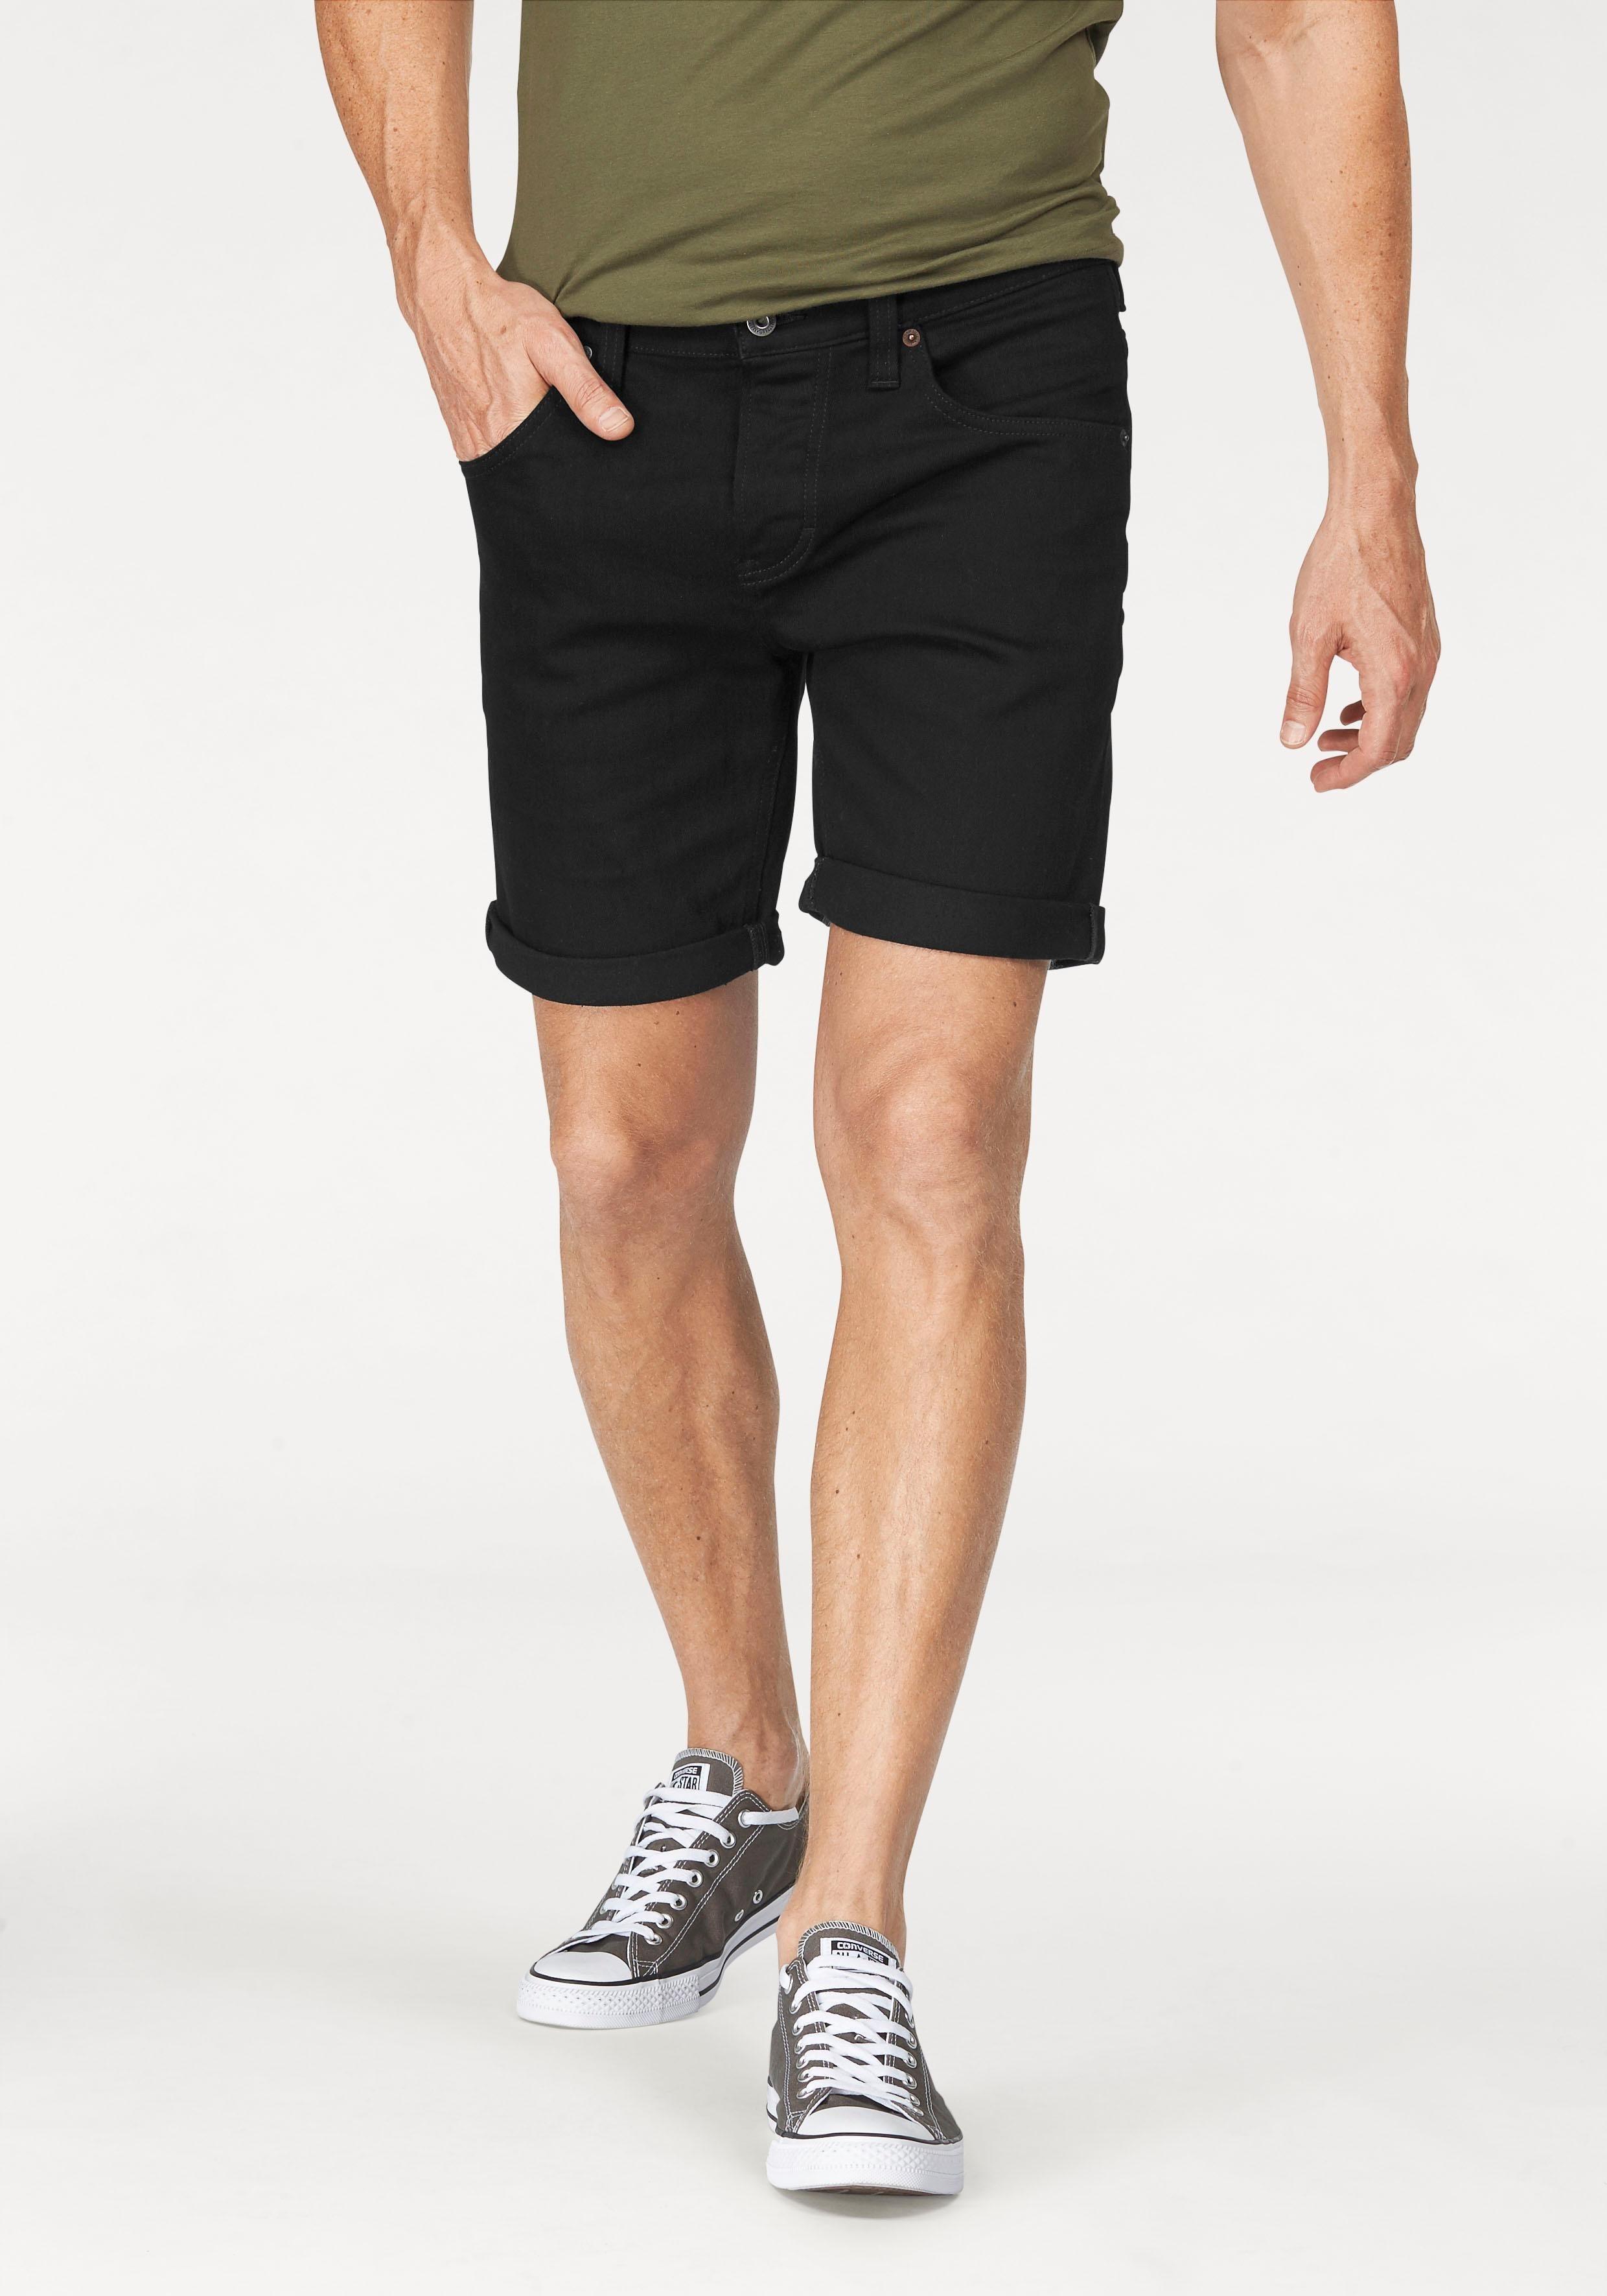 MUSTANG Shorts   Bekleidung > Shorts & Bermudas > Shorts   Schwarz   MUSTANG